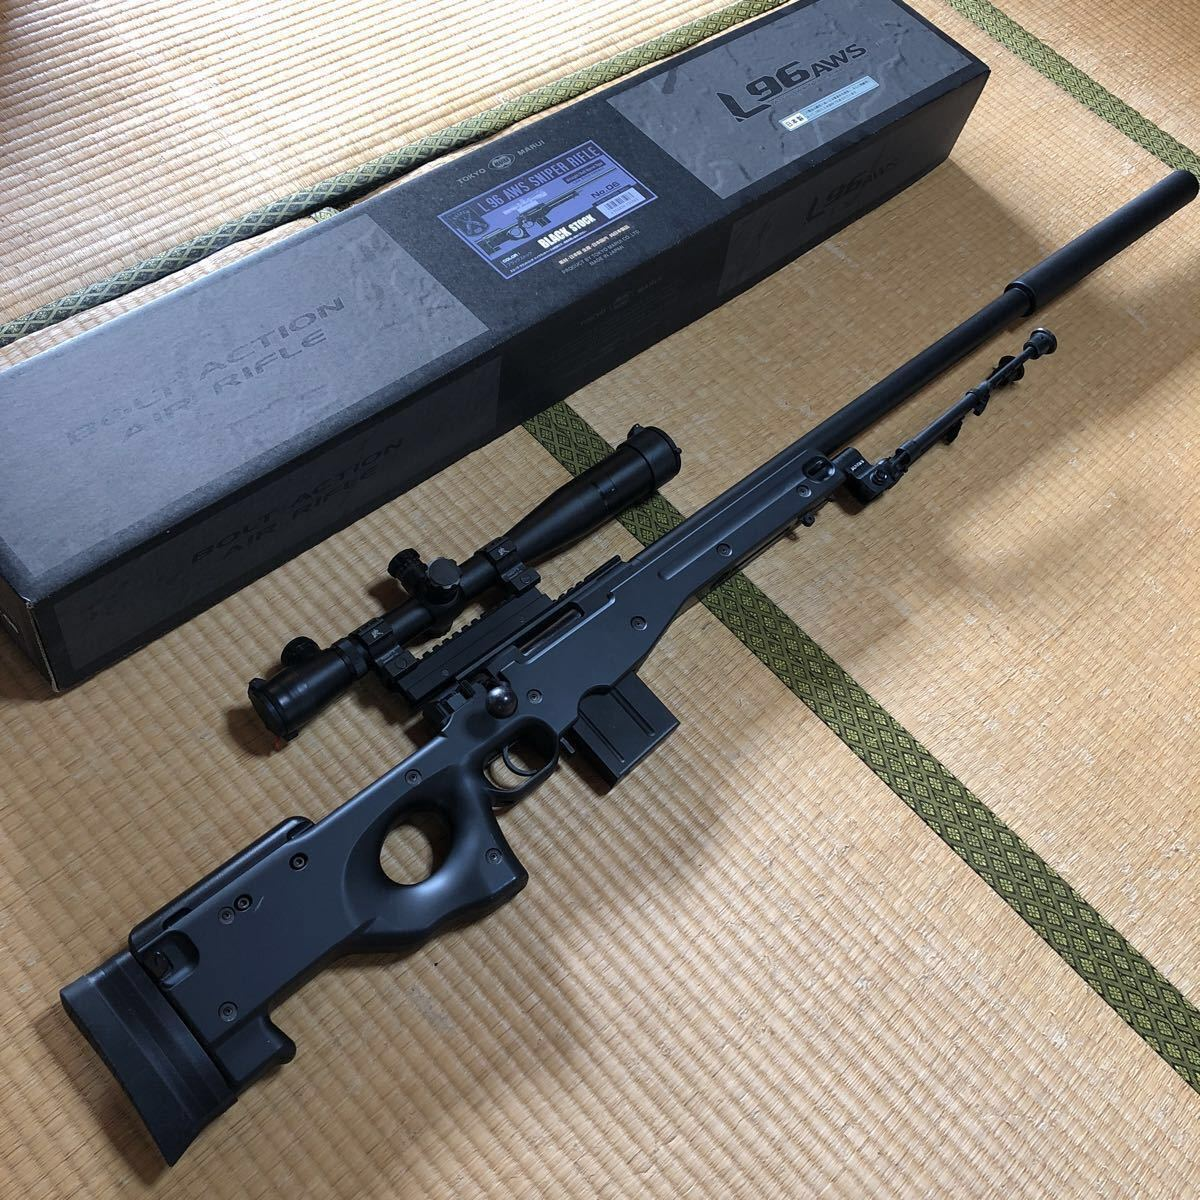 Tokyo Marui L96 AWS BK bolt action snaipa- life ru: Real